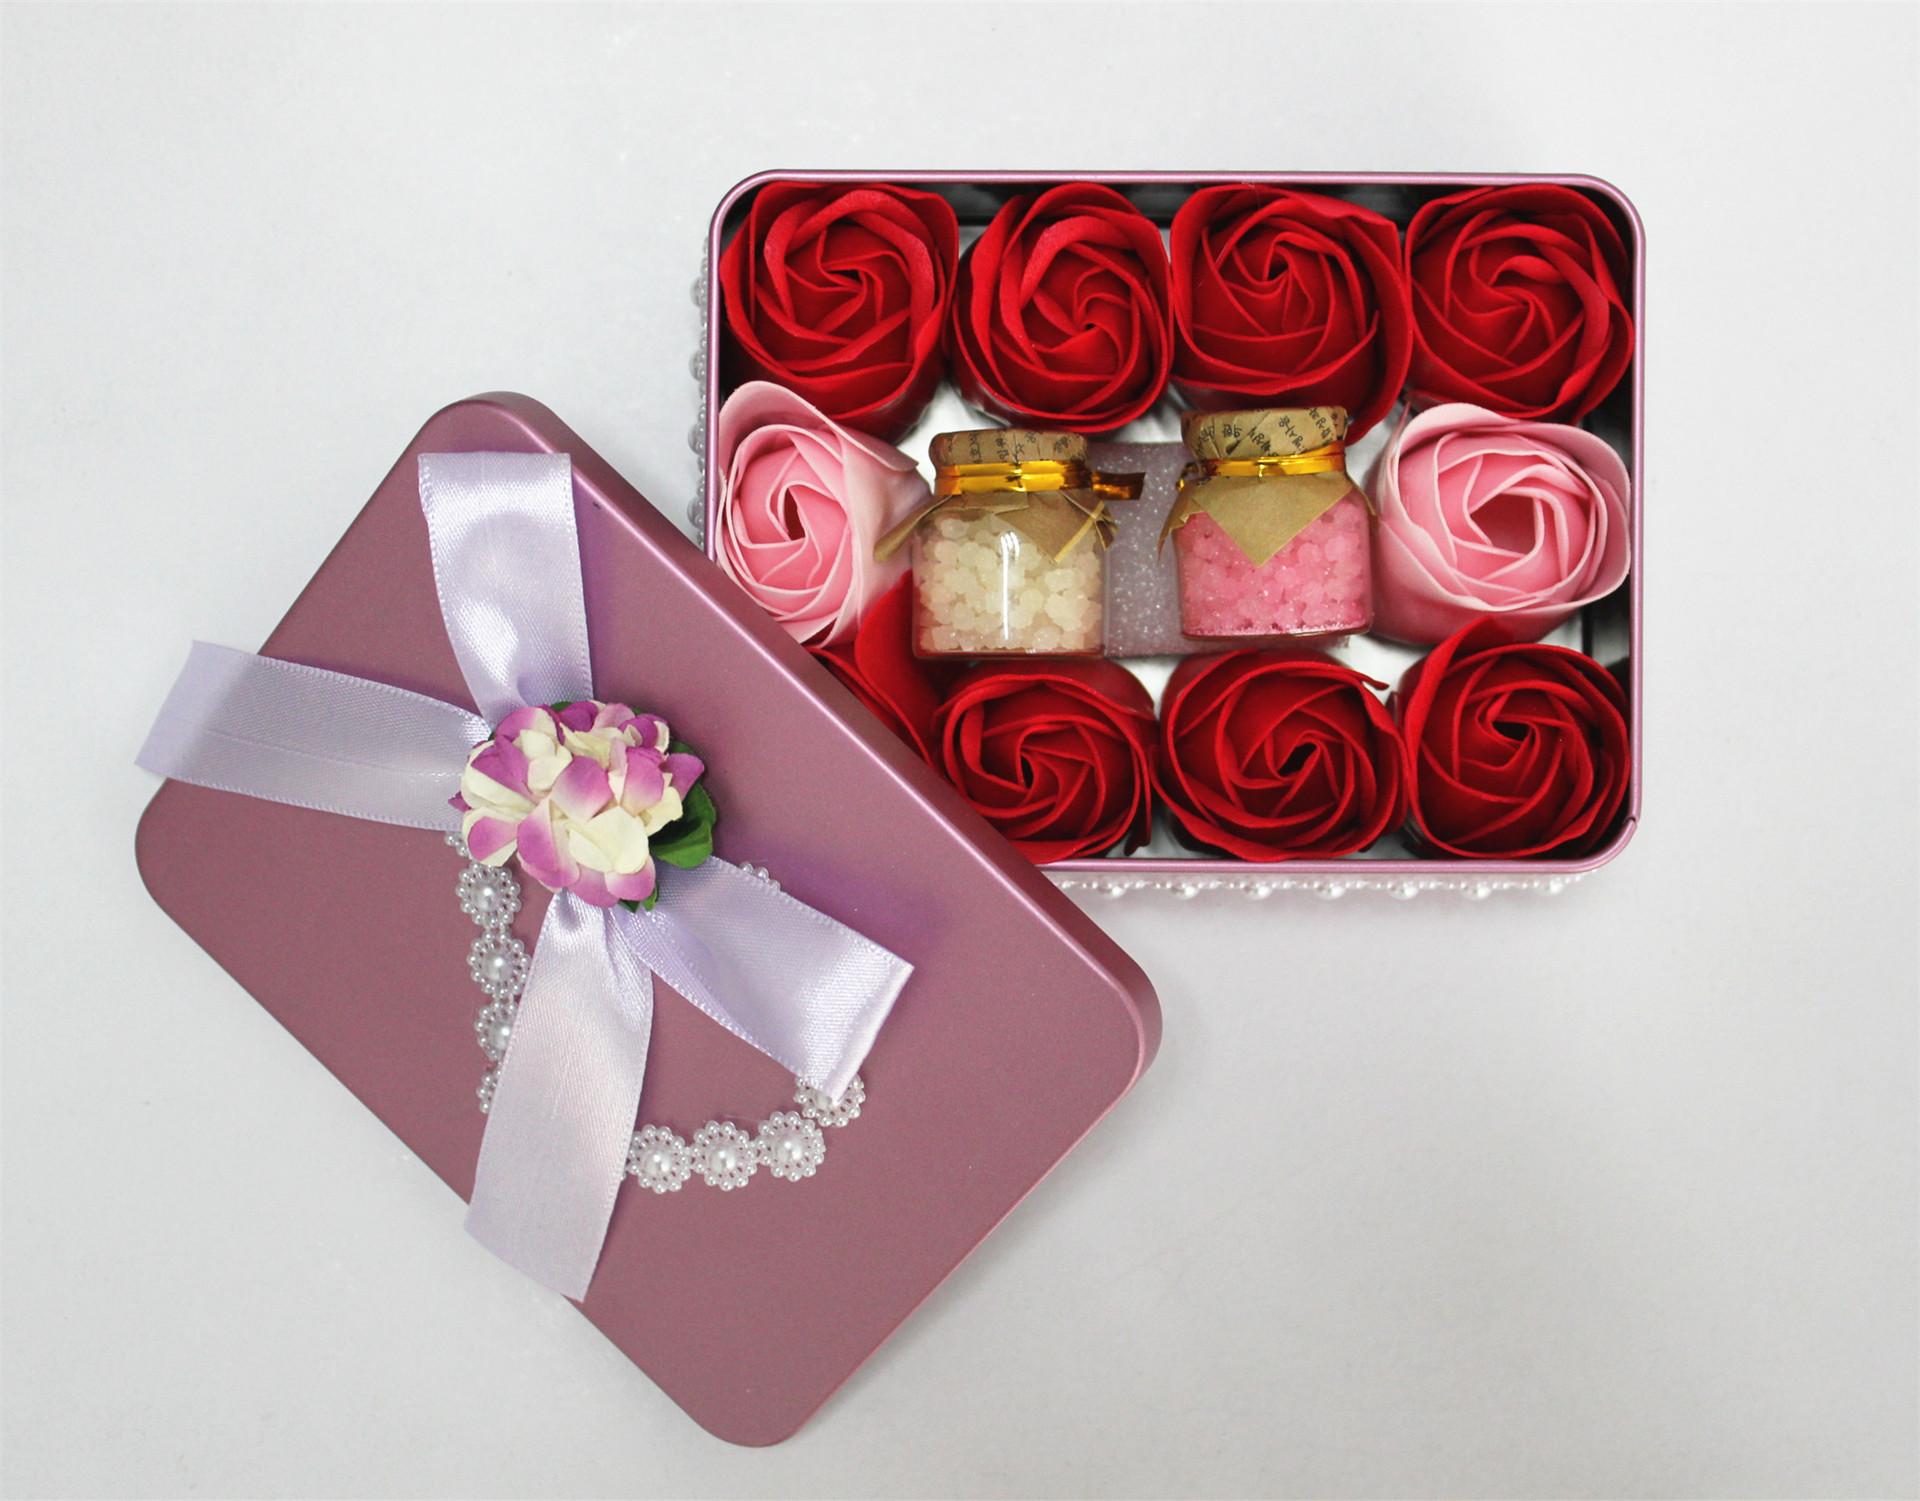 情人节礼物 批发情人节礼物 礼盒包装花束 紫色浪漫 高端大气 阿里巴巴